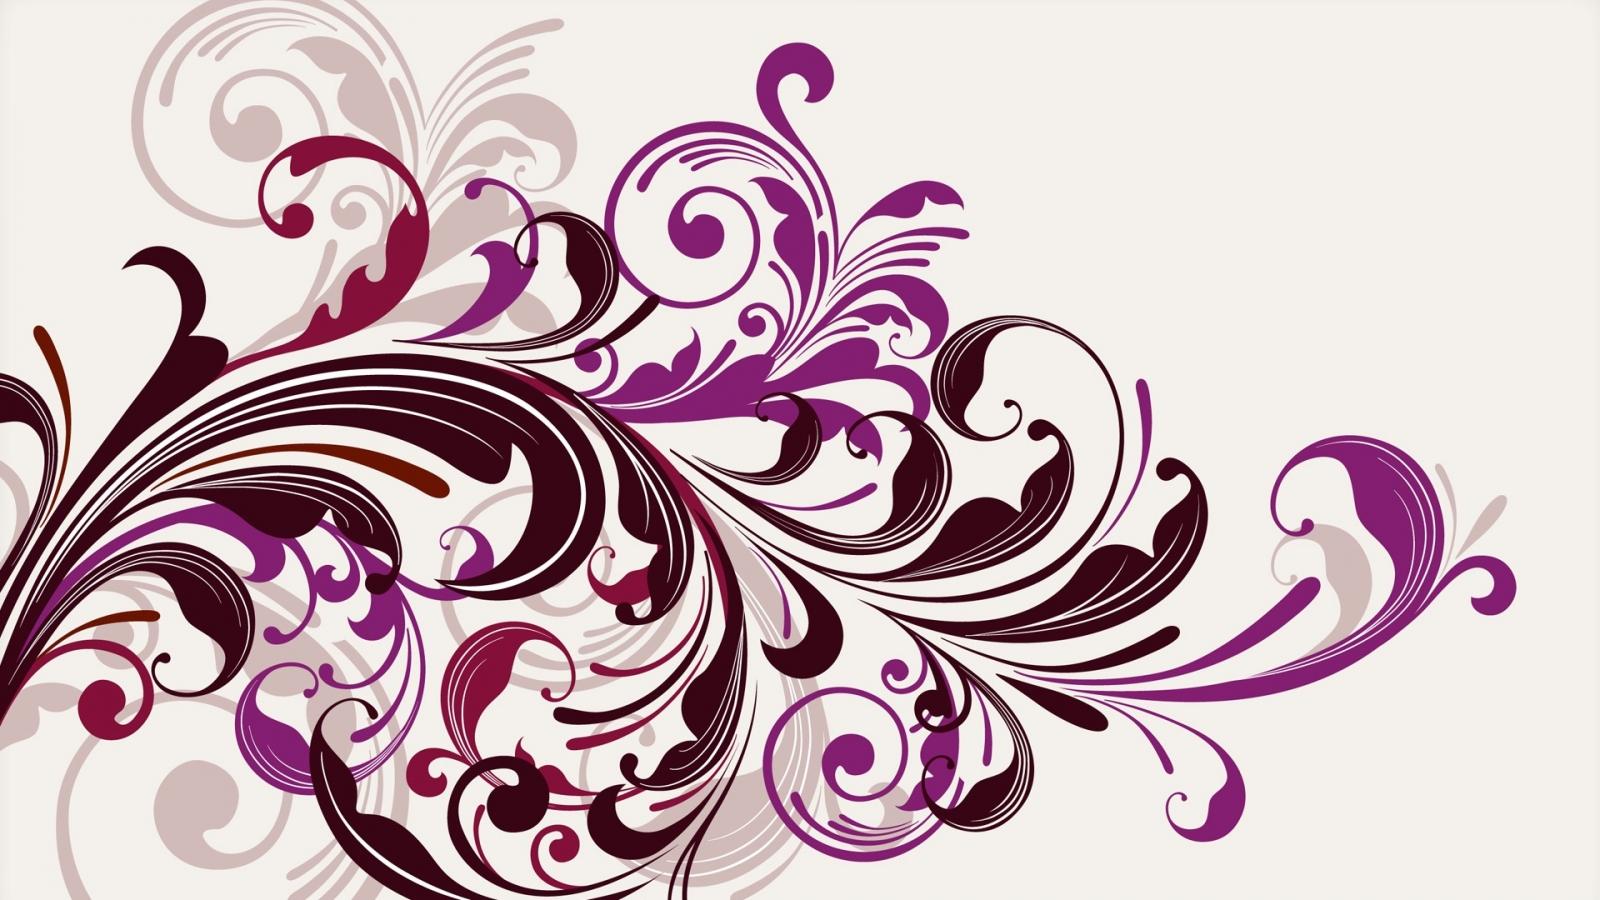 Flores abstractas - 1600x900